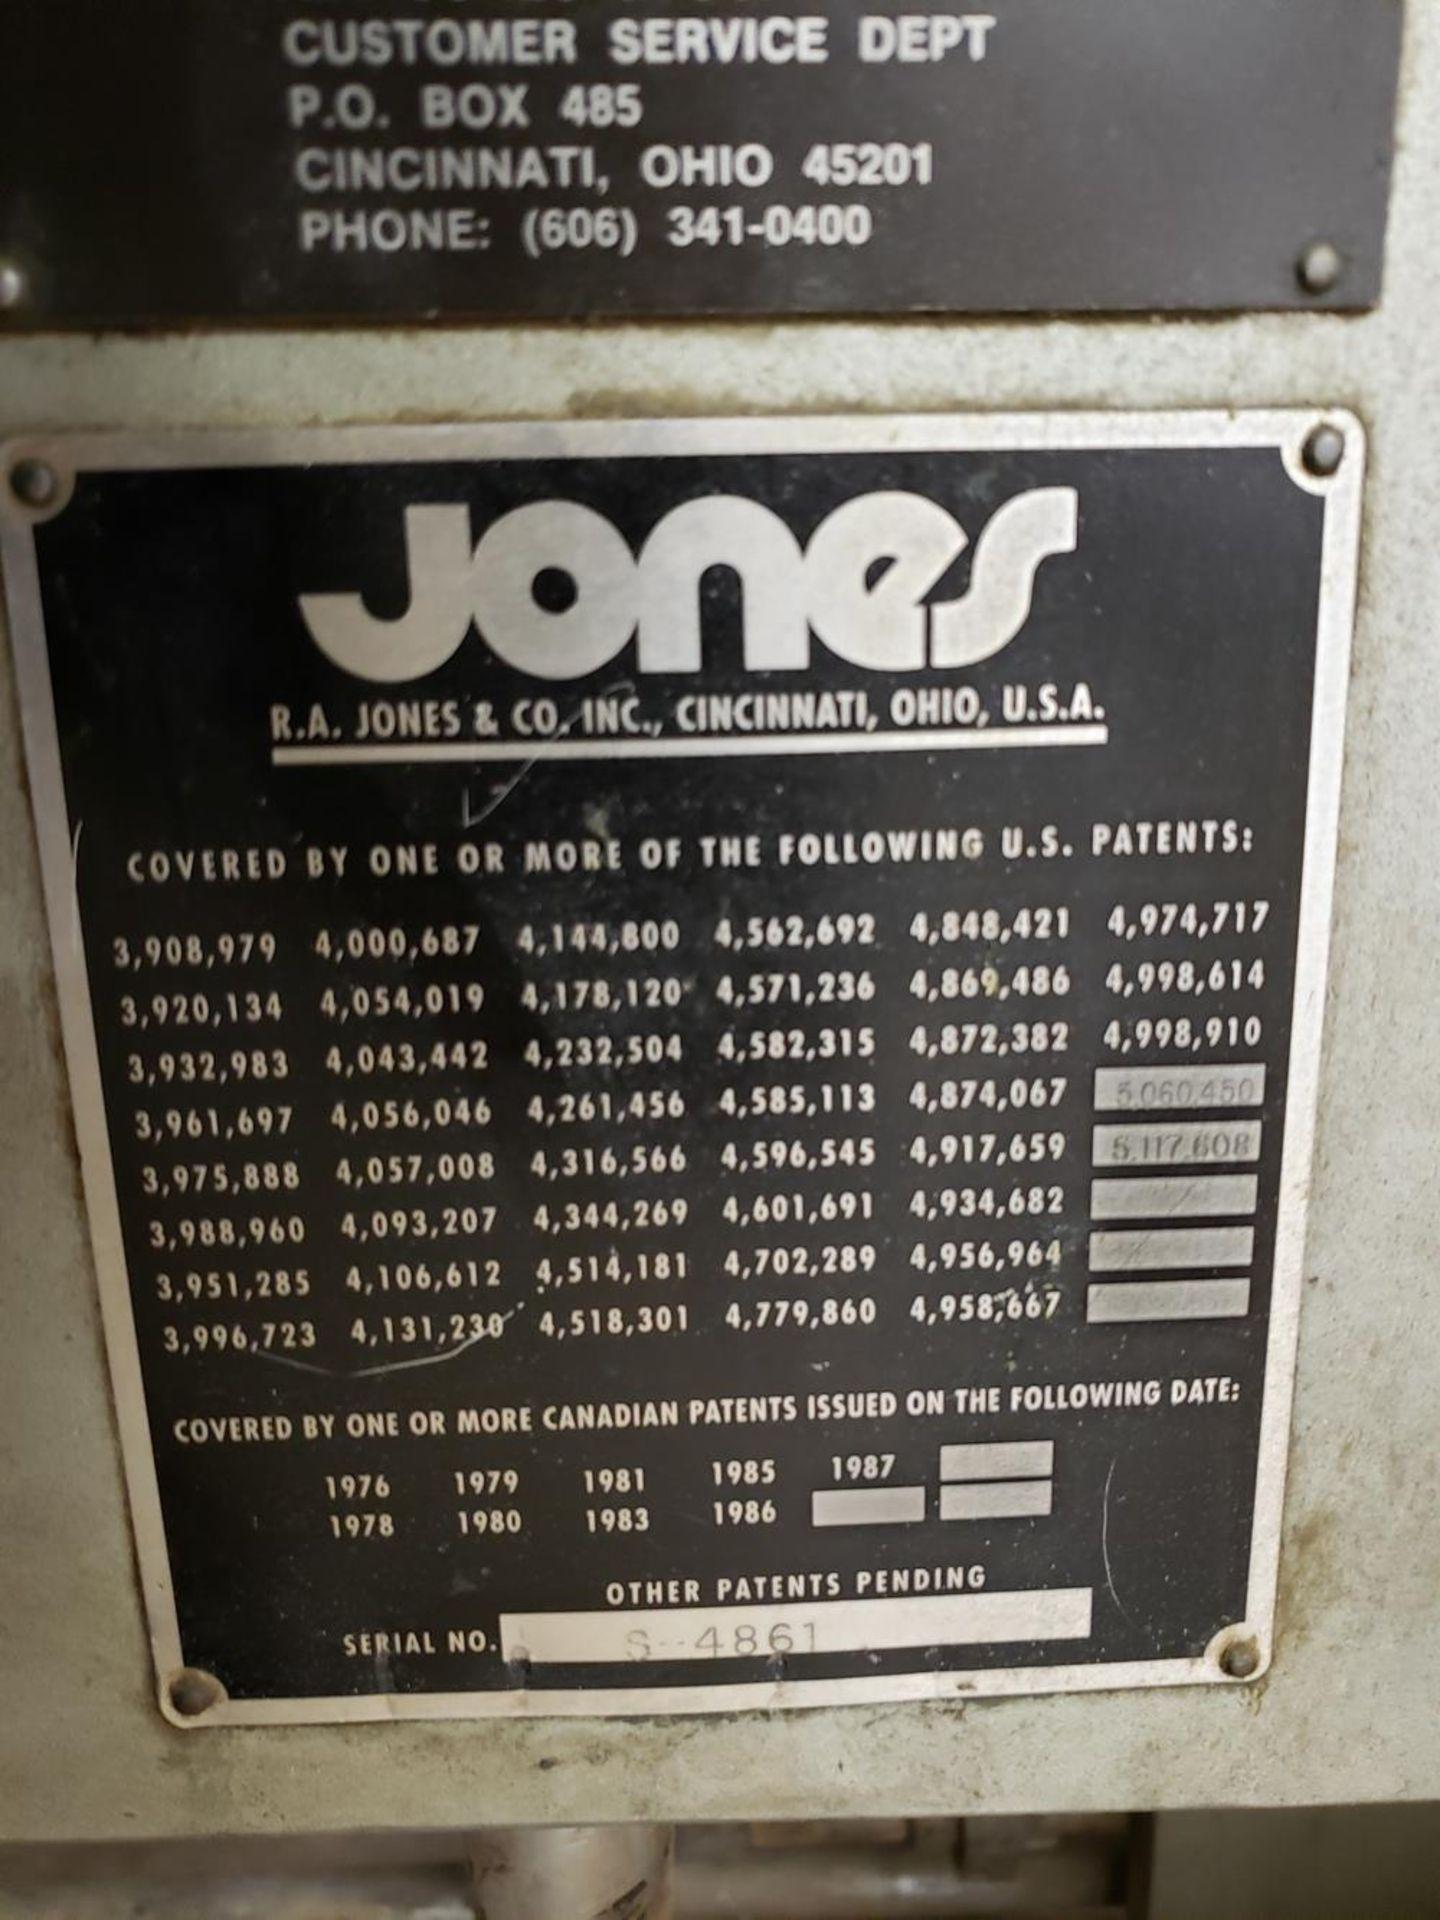 Lot 136 - Jones Tray Erector, W/ Side Seam Gluer, S/N S-4861 | Rig Fee: $1400